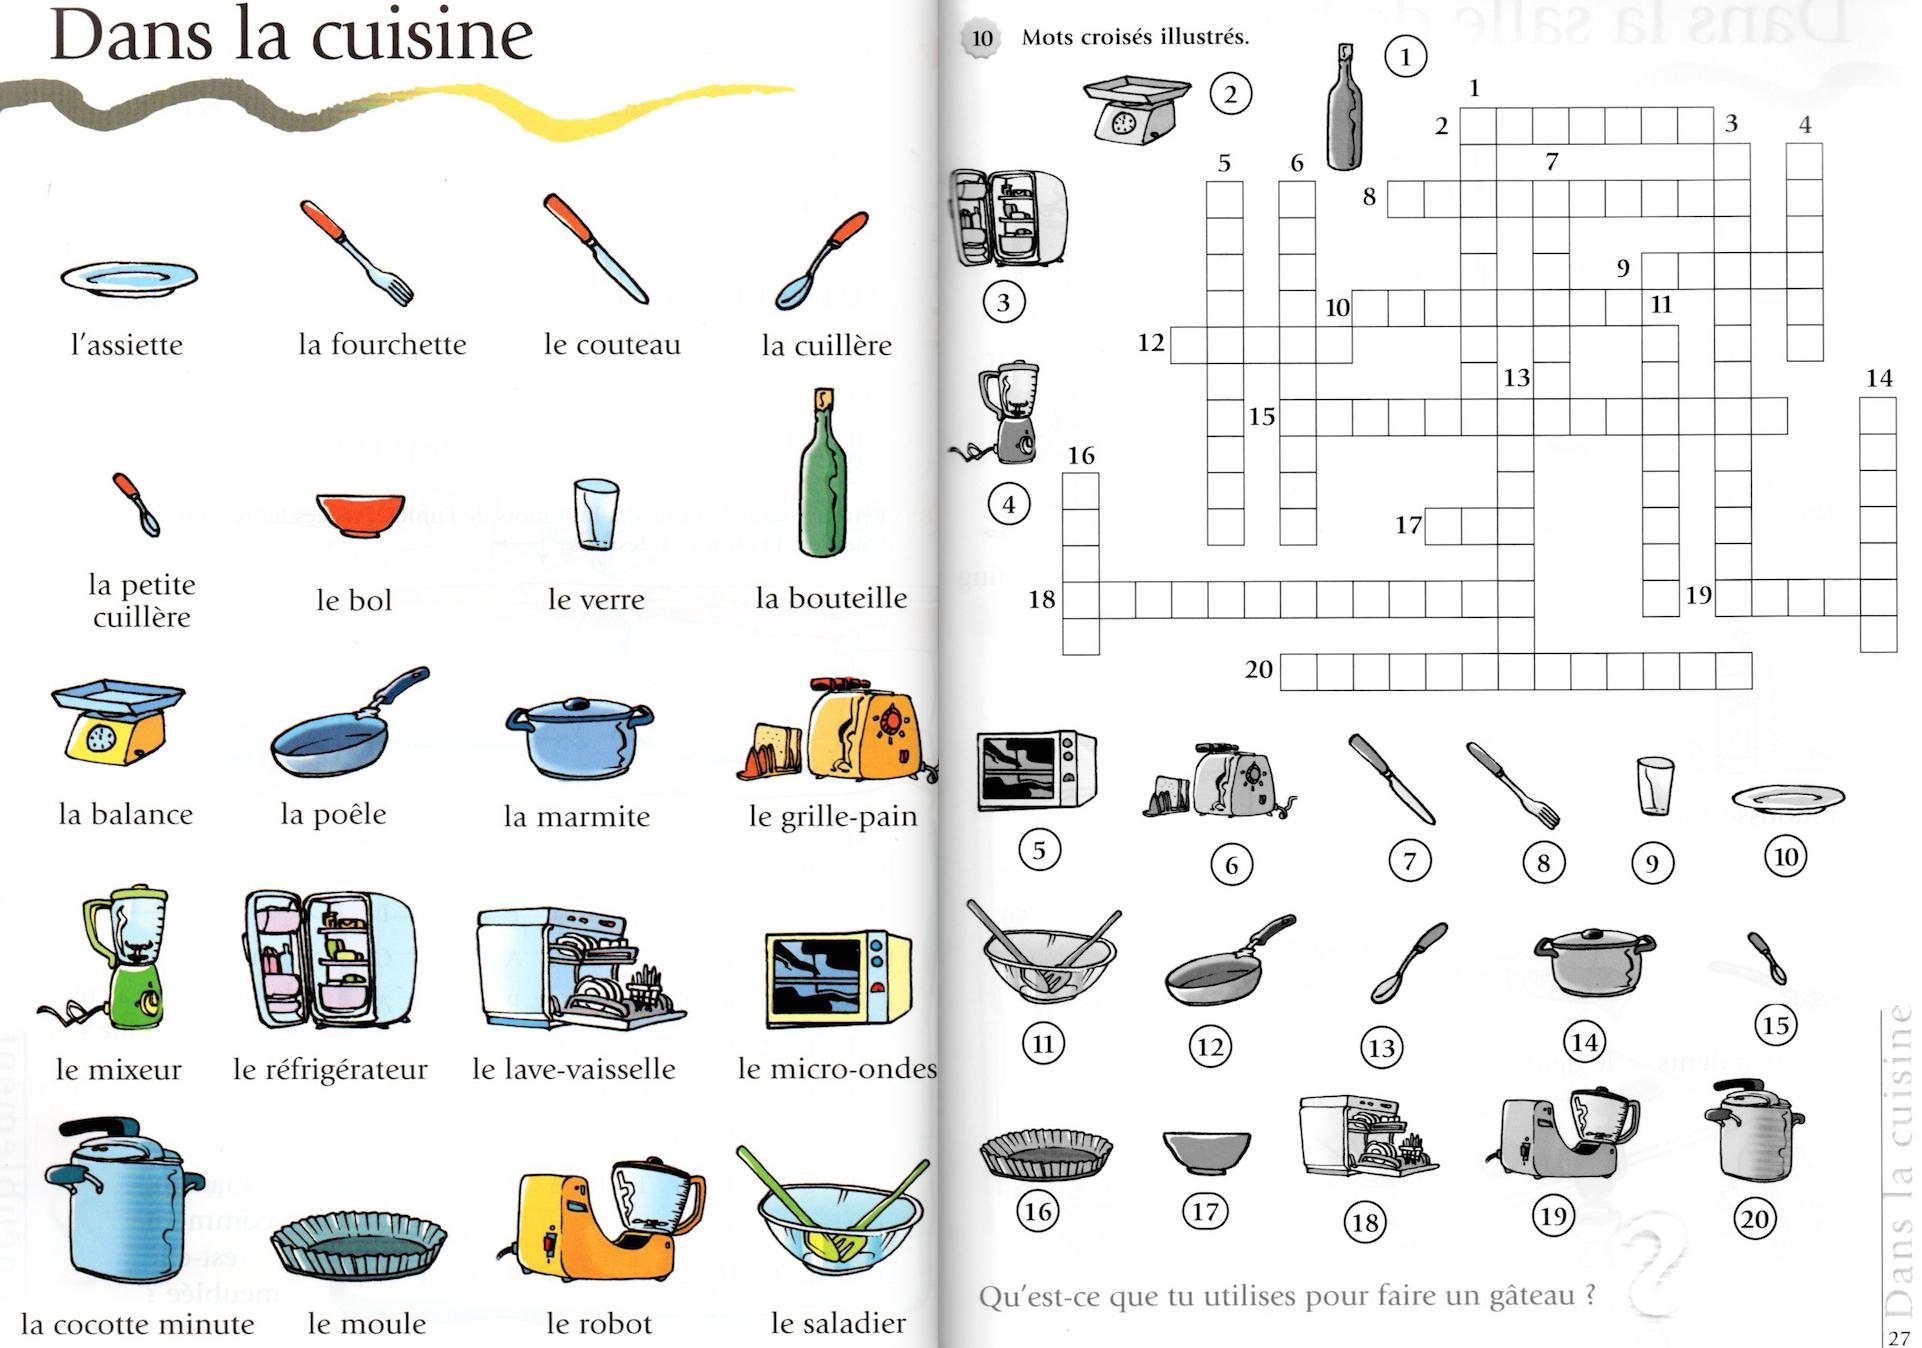 Mots Croisés De La Cuisine - A1 (Le Français De Jeu - S dedans Jeux Mots Croisés En Français